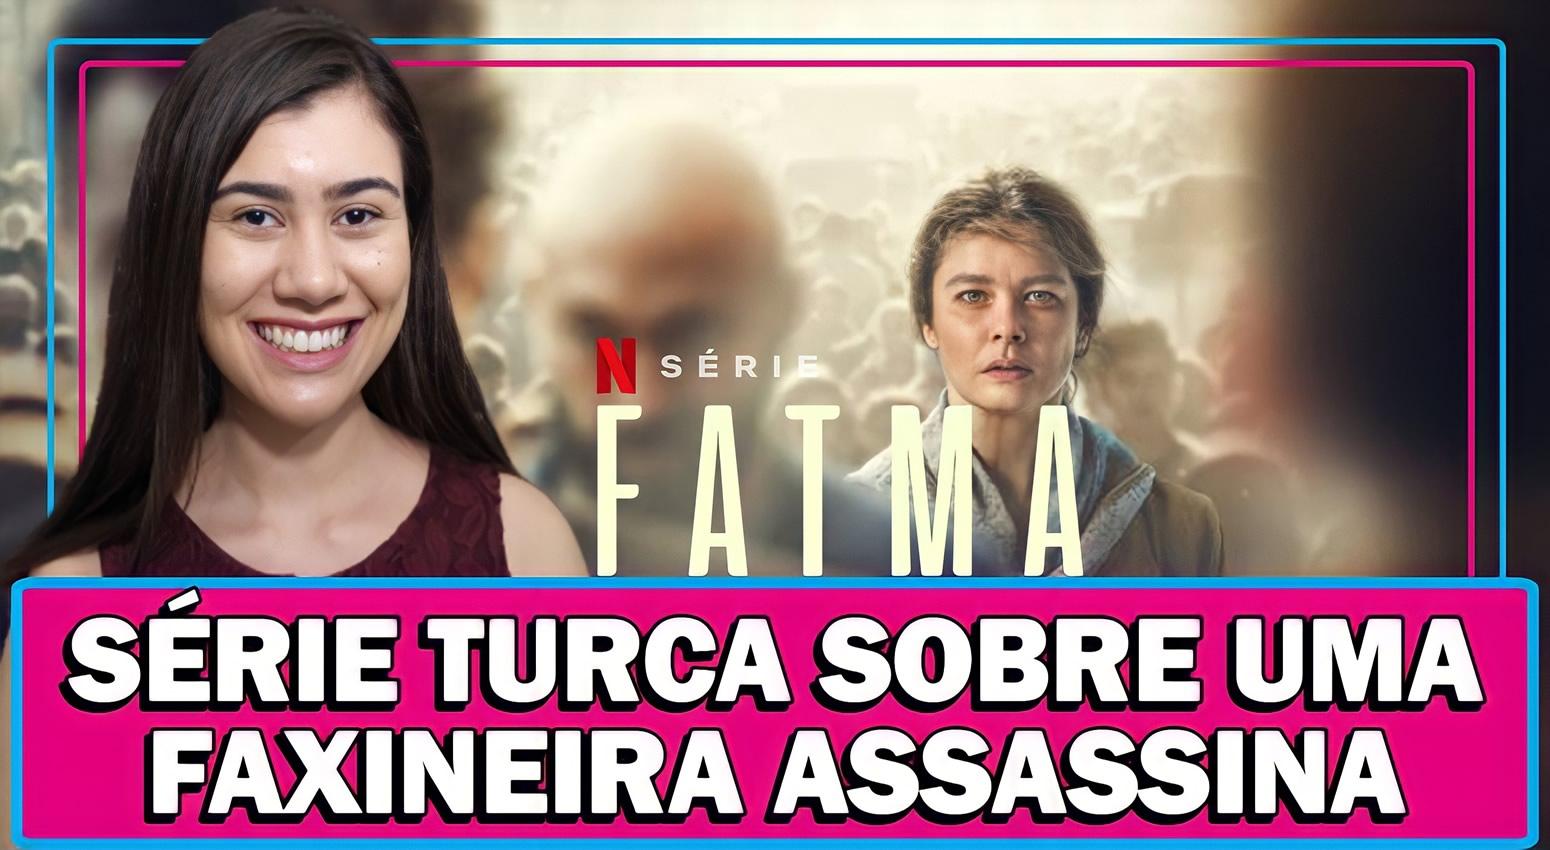 FATMA   SÉRIE TURCA NA NETFLIX SOBRE UMA FAXINEIRA SERIAL KILLER IMPLACÁVEL - ANÁLISE SEM SPOILER